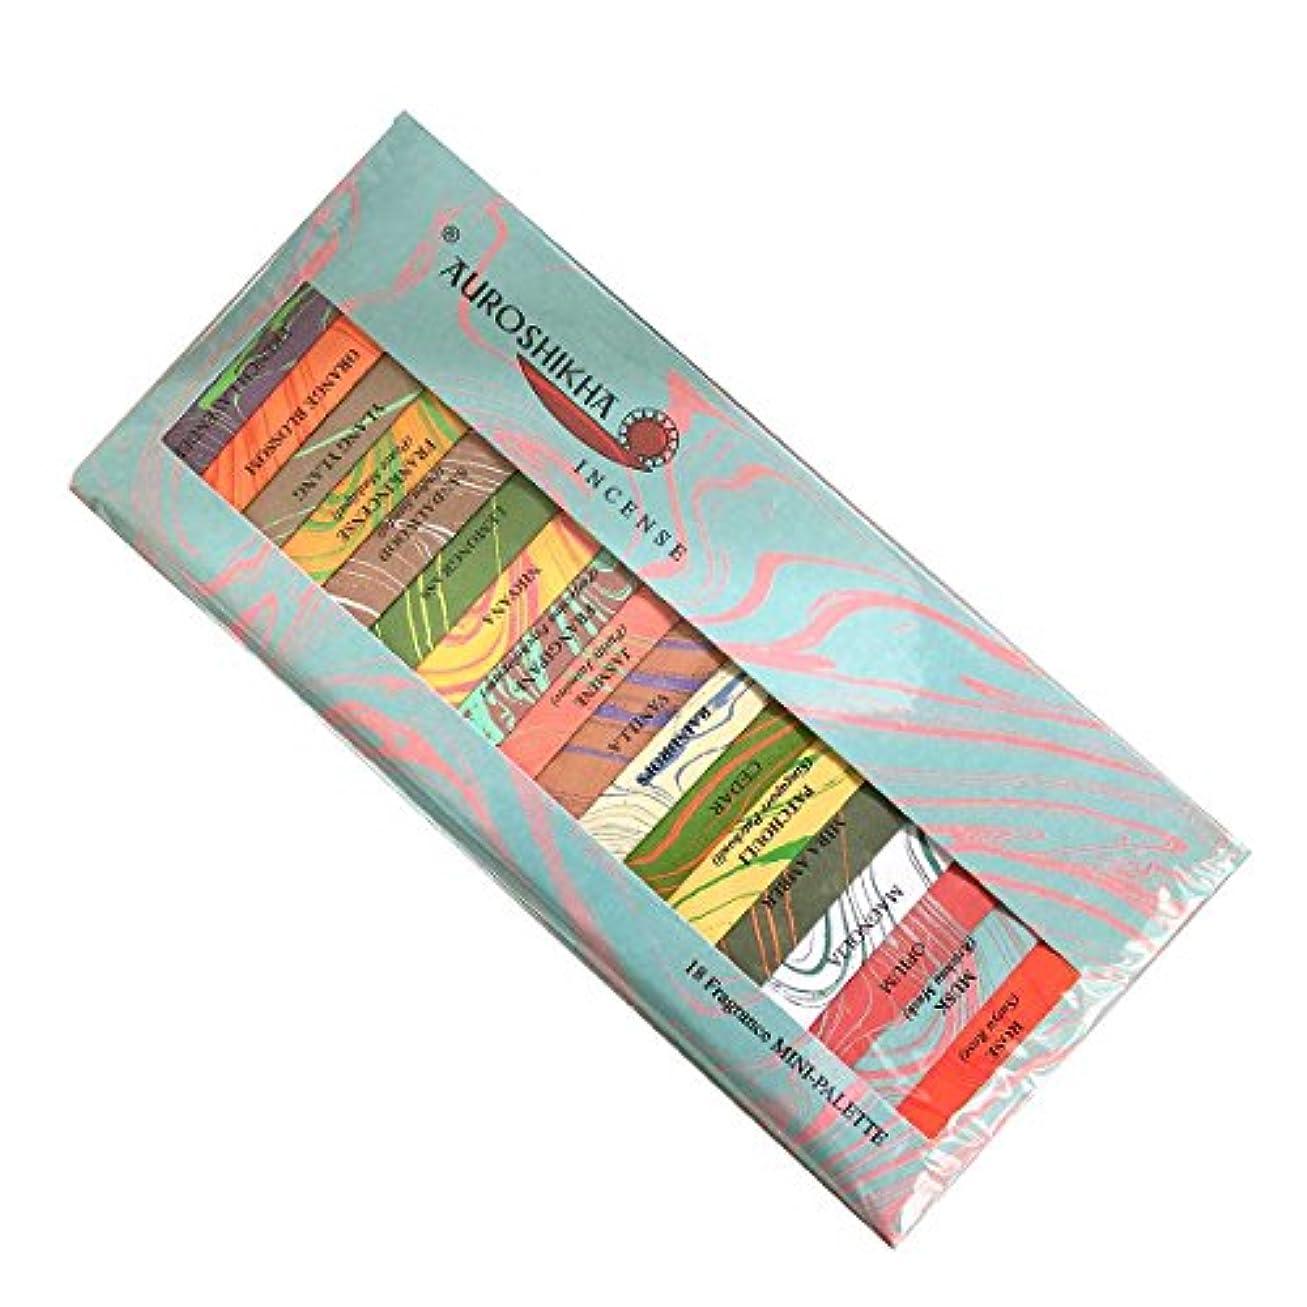 安息アレンジベーリング海峡auroshikha (オウロシカ) マーブルパッケージ ミニパレット18種類の香りアソート スティック !